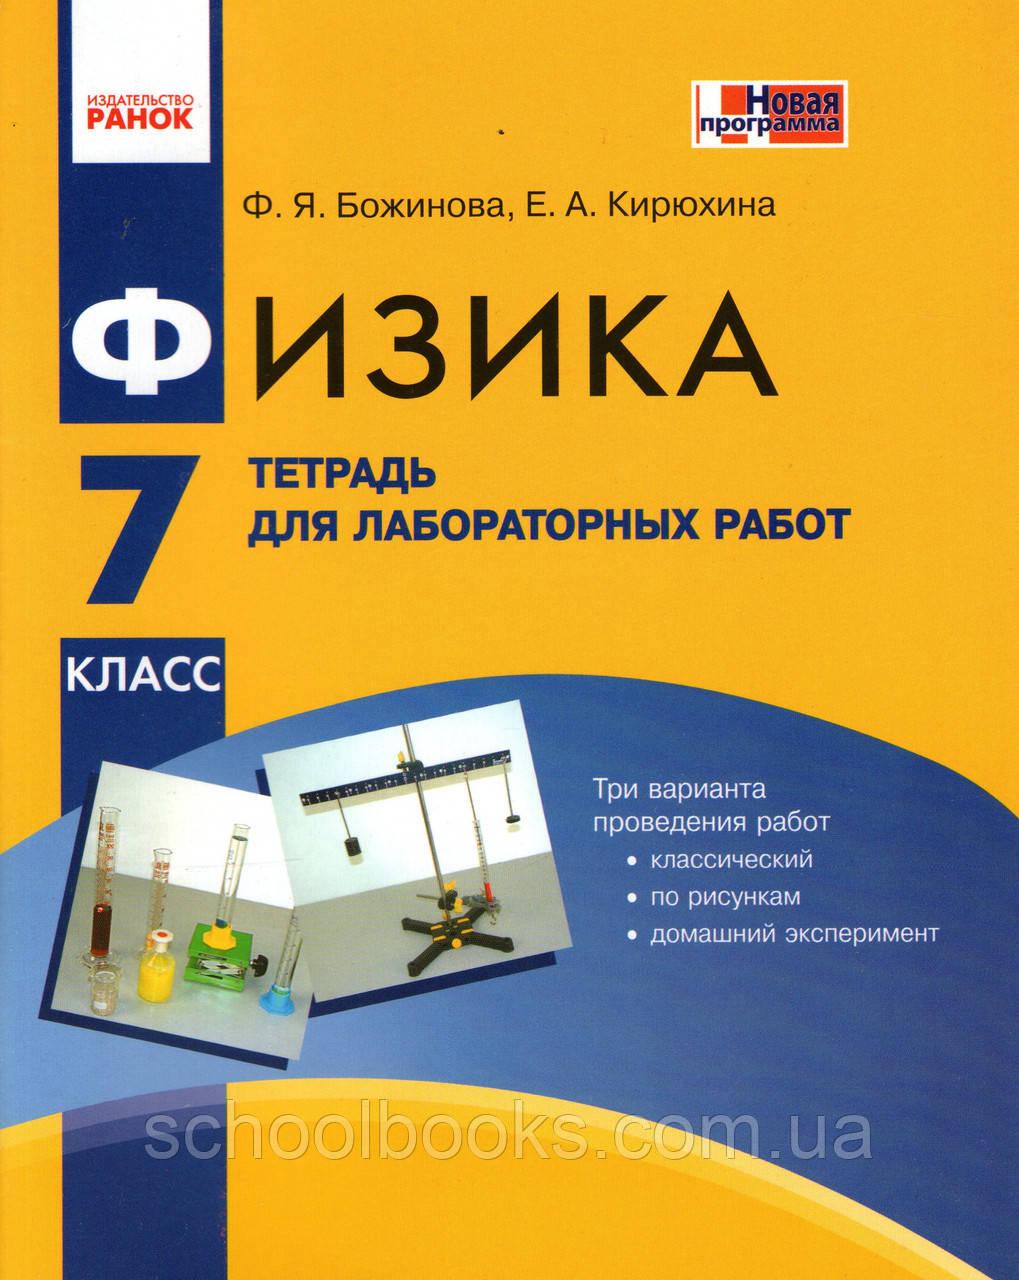 Физика 7 класс ф.я божинова печатная тетрадь